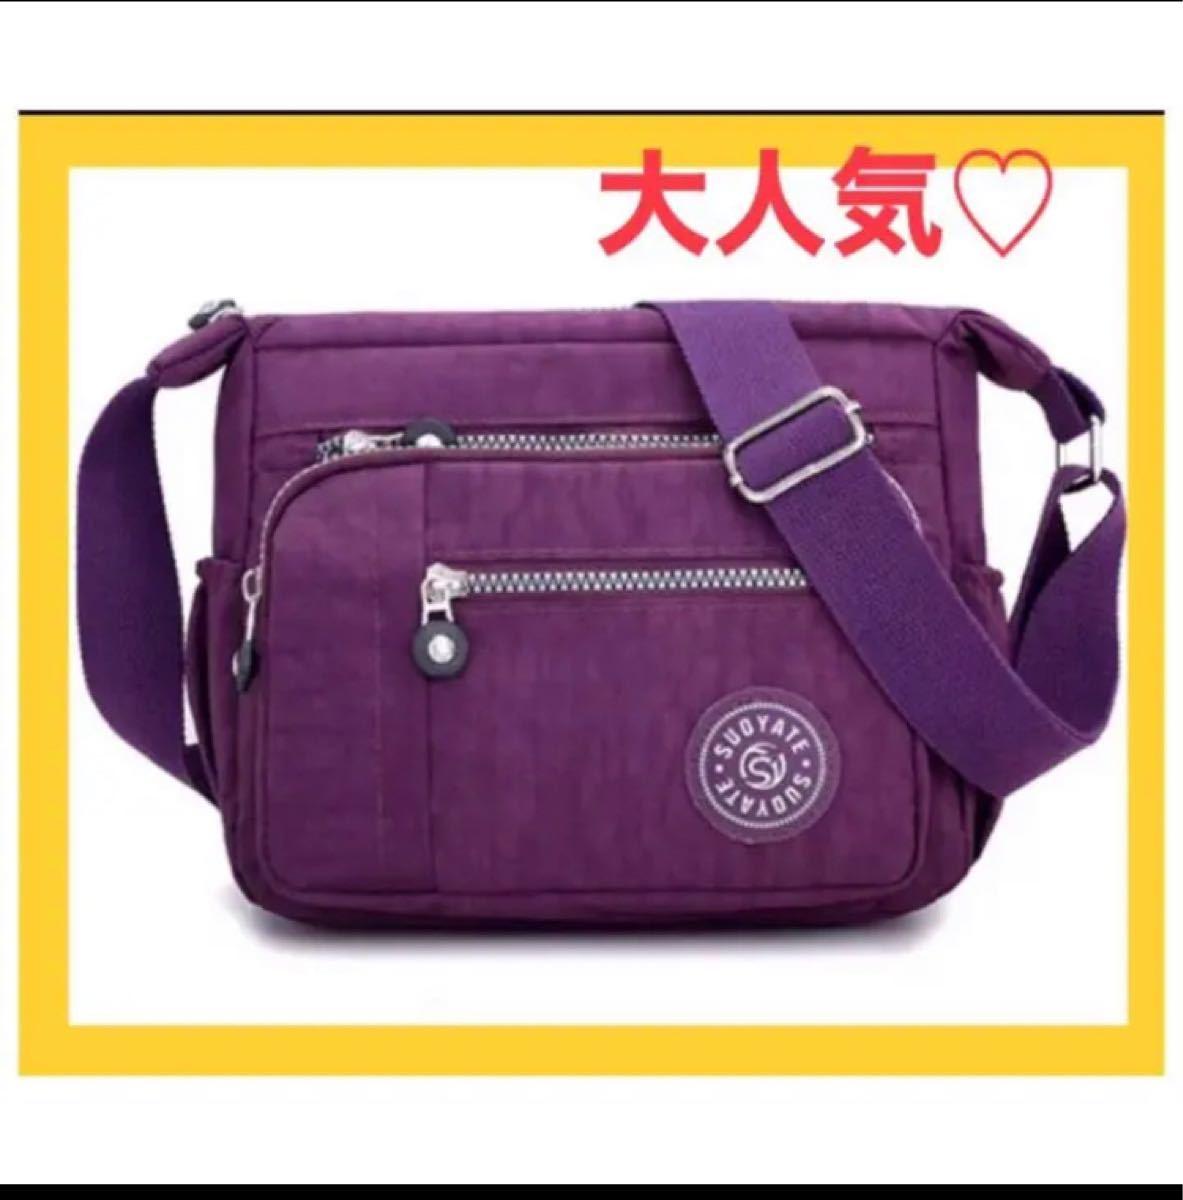 ショルダーバッグ 斜めがけ レディースバッグ 紫 パープル iPad 軽量  斜めがけバッグ トラベルバッグ 肩掛け アウトドア